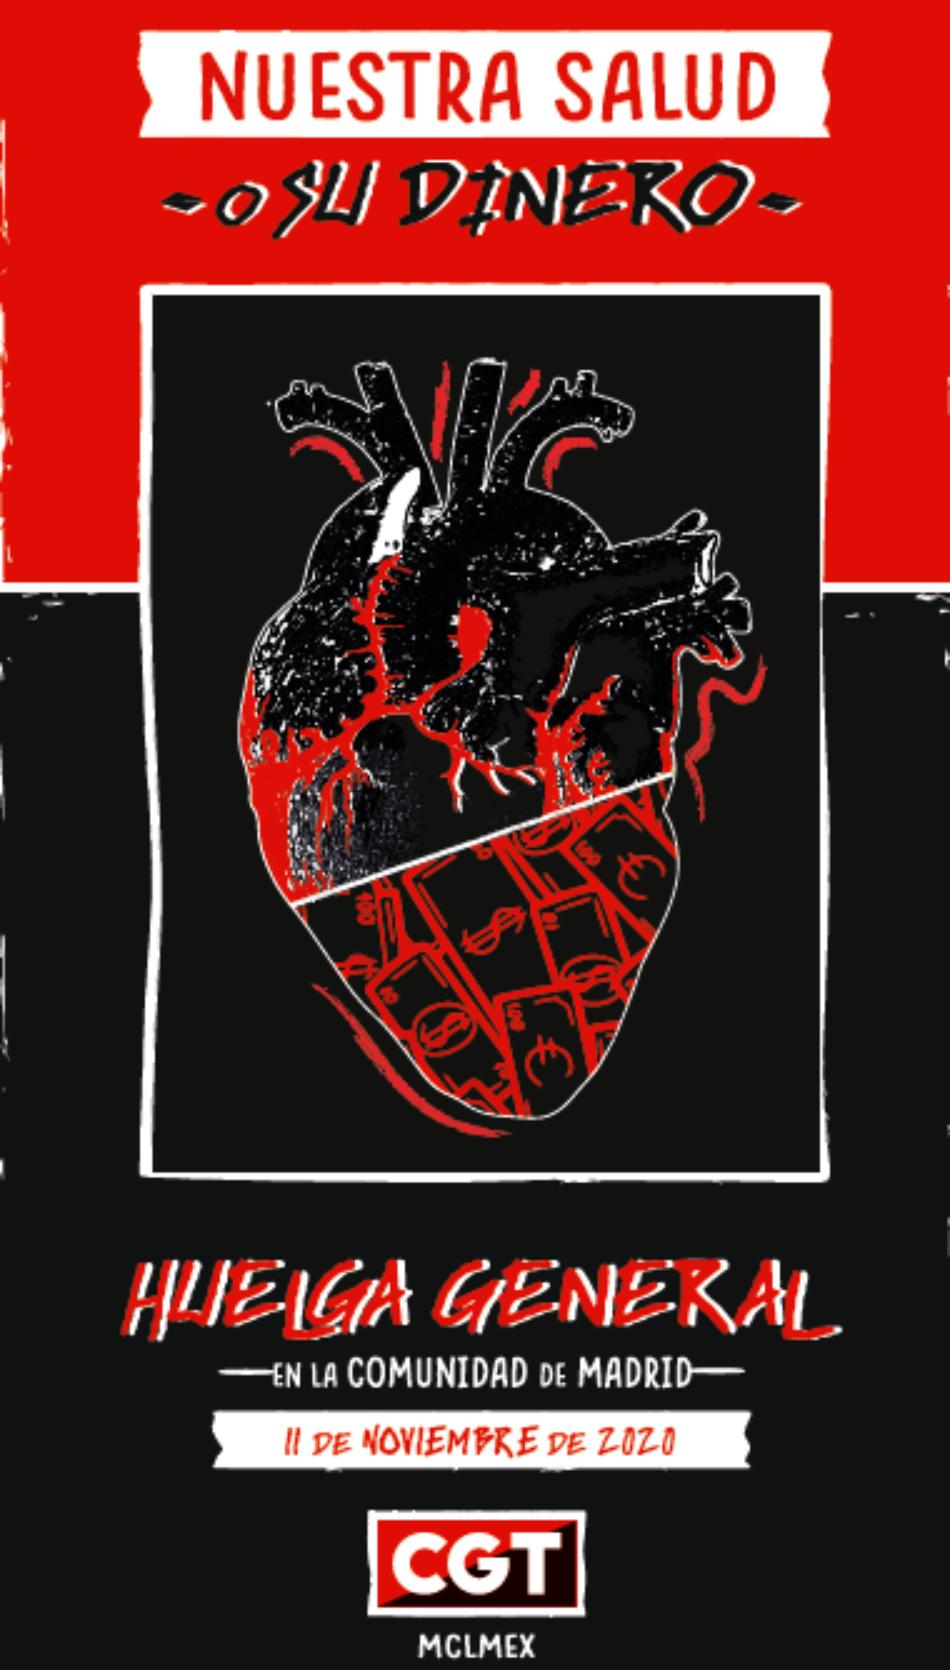 CGT modifica la fecha de Huelga General en Madrid para el próximo 11 de noviembre tras sumar más apoyos de organizaciones y colectivos de la sociedad